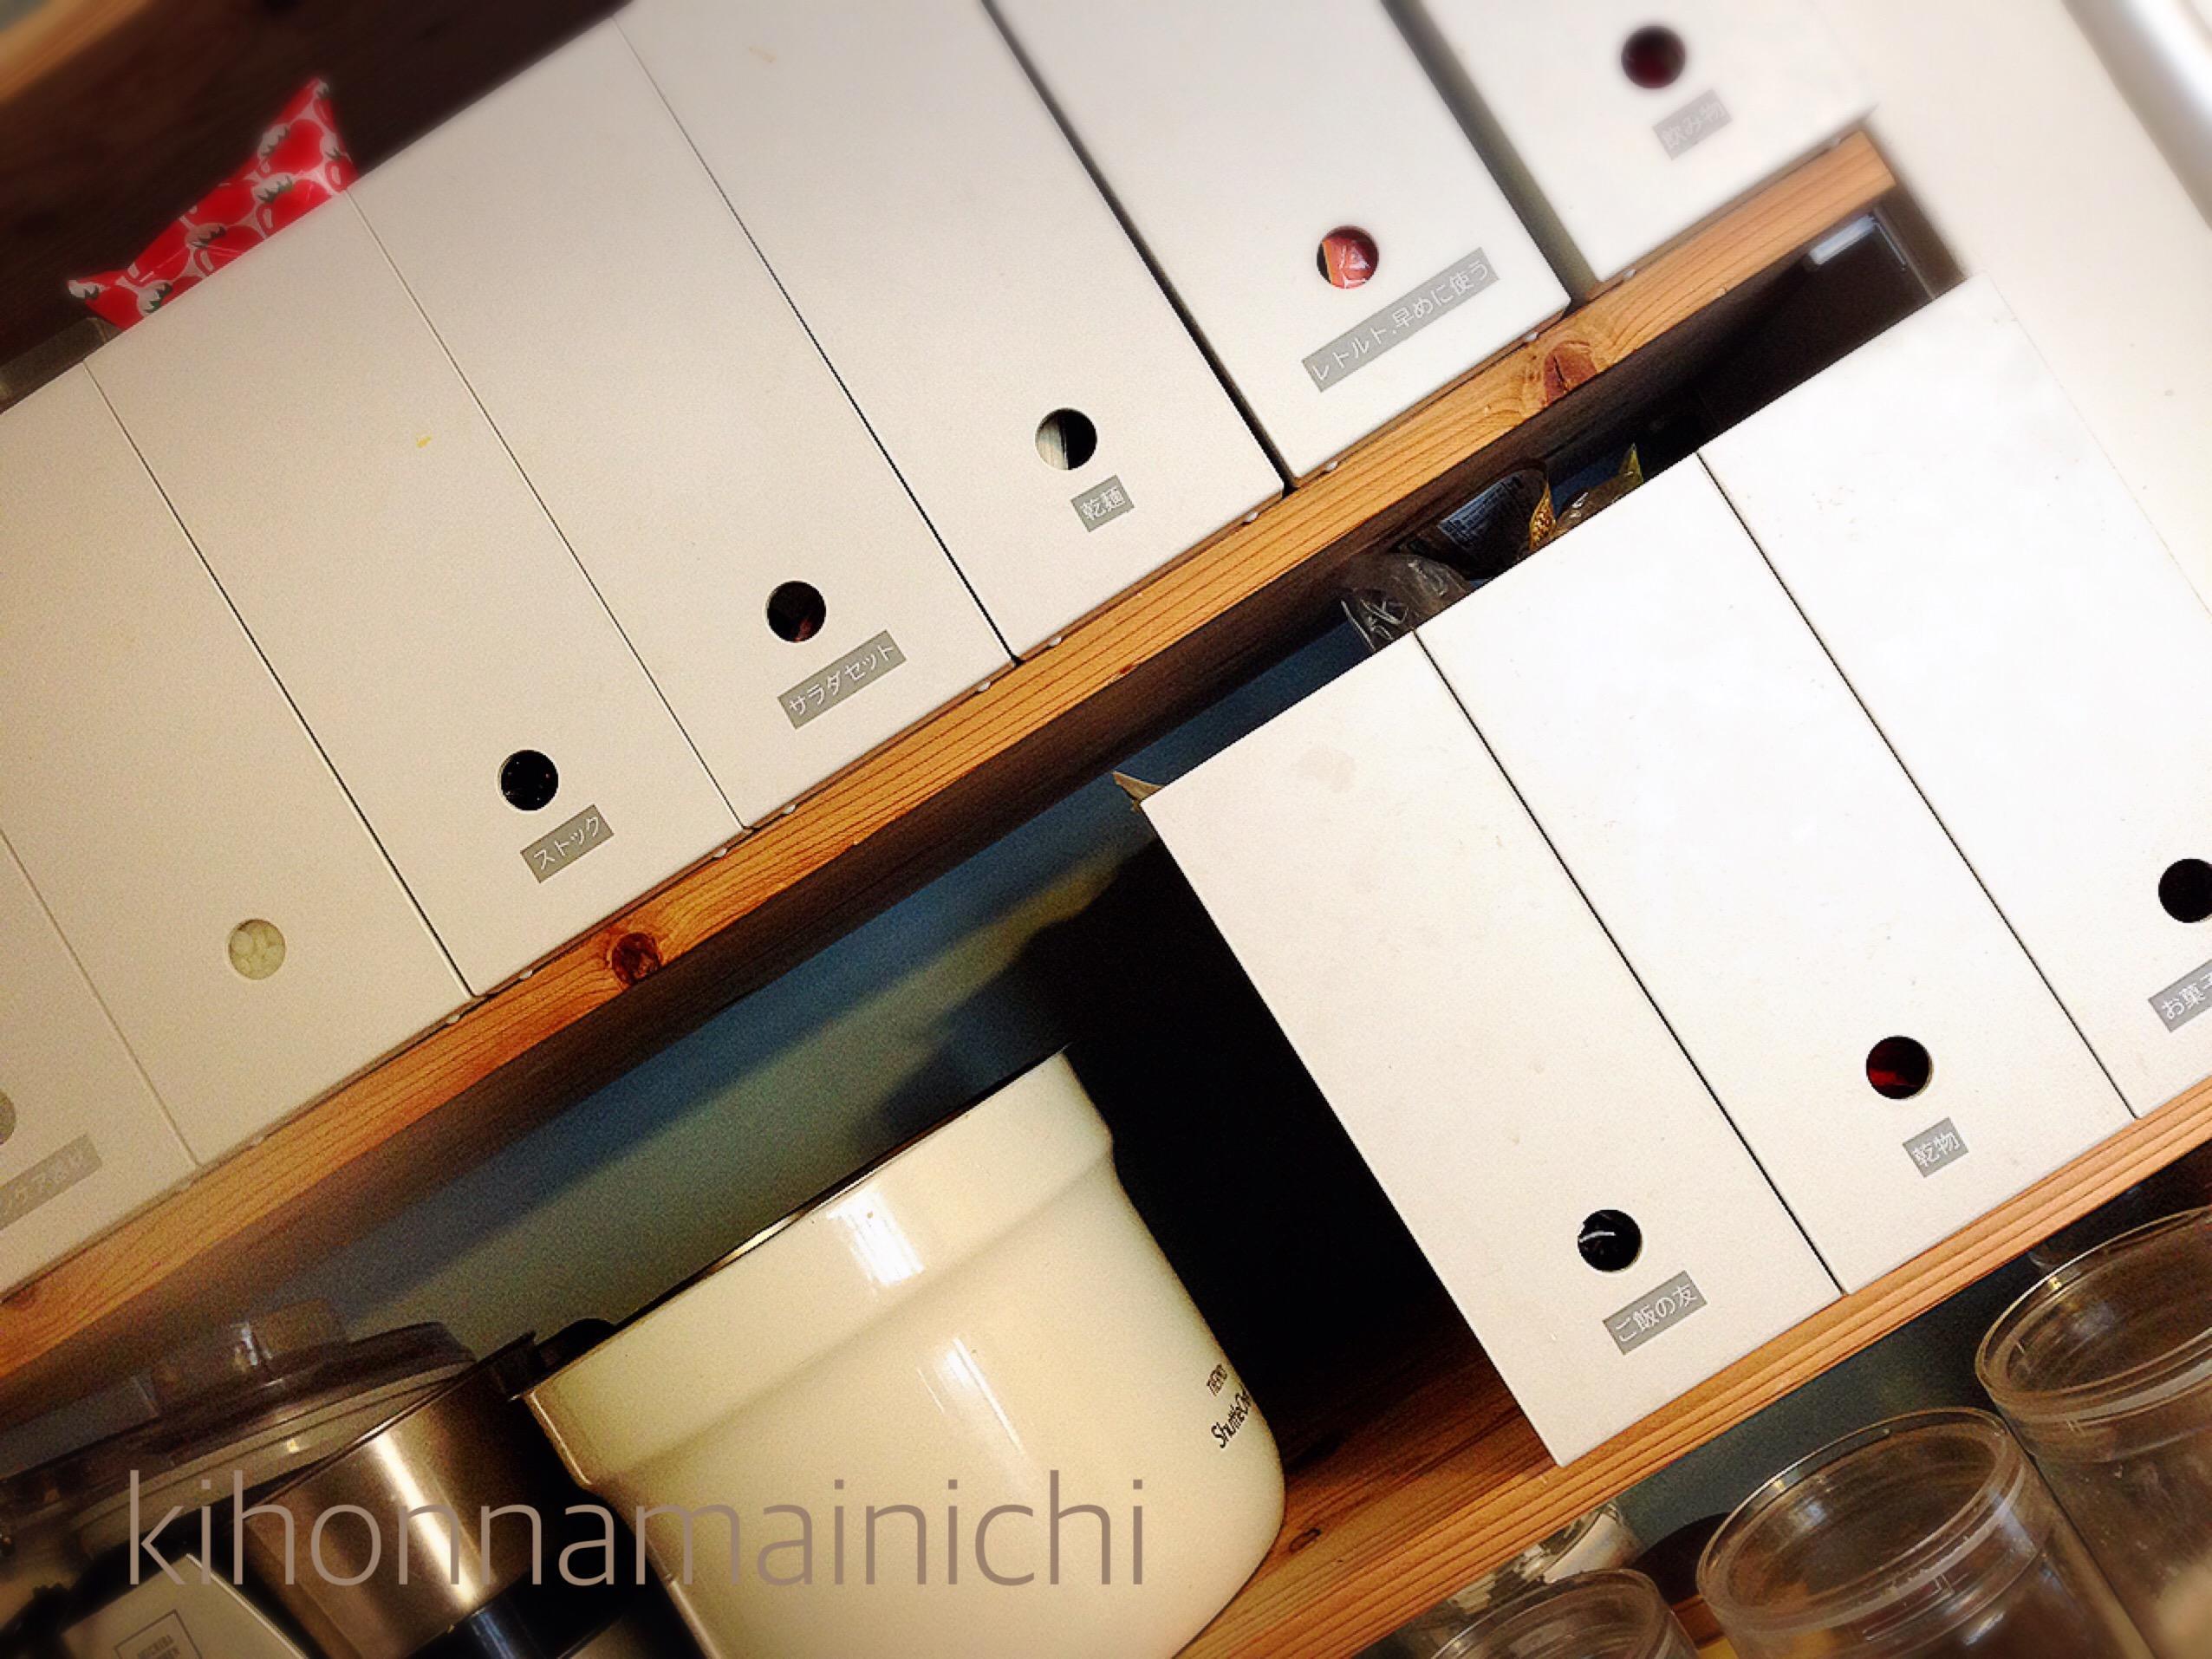 無印のA4ファイルボックスの収納が便利っていうけどホント?家のどこで使うの?何を収納するの?我が家が23個使用中なのでレポしますね。